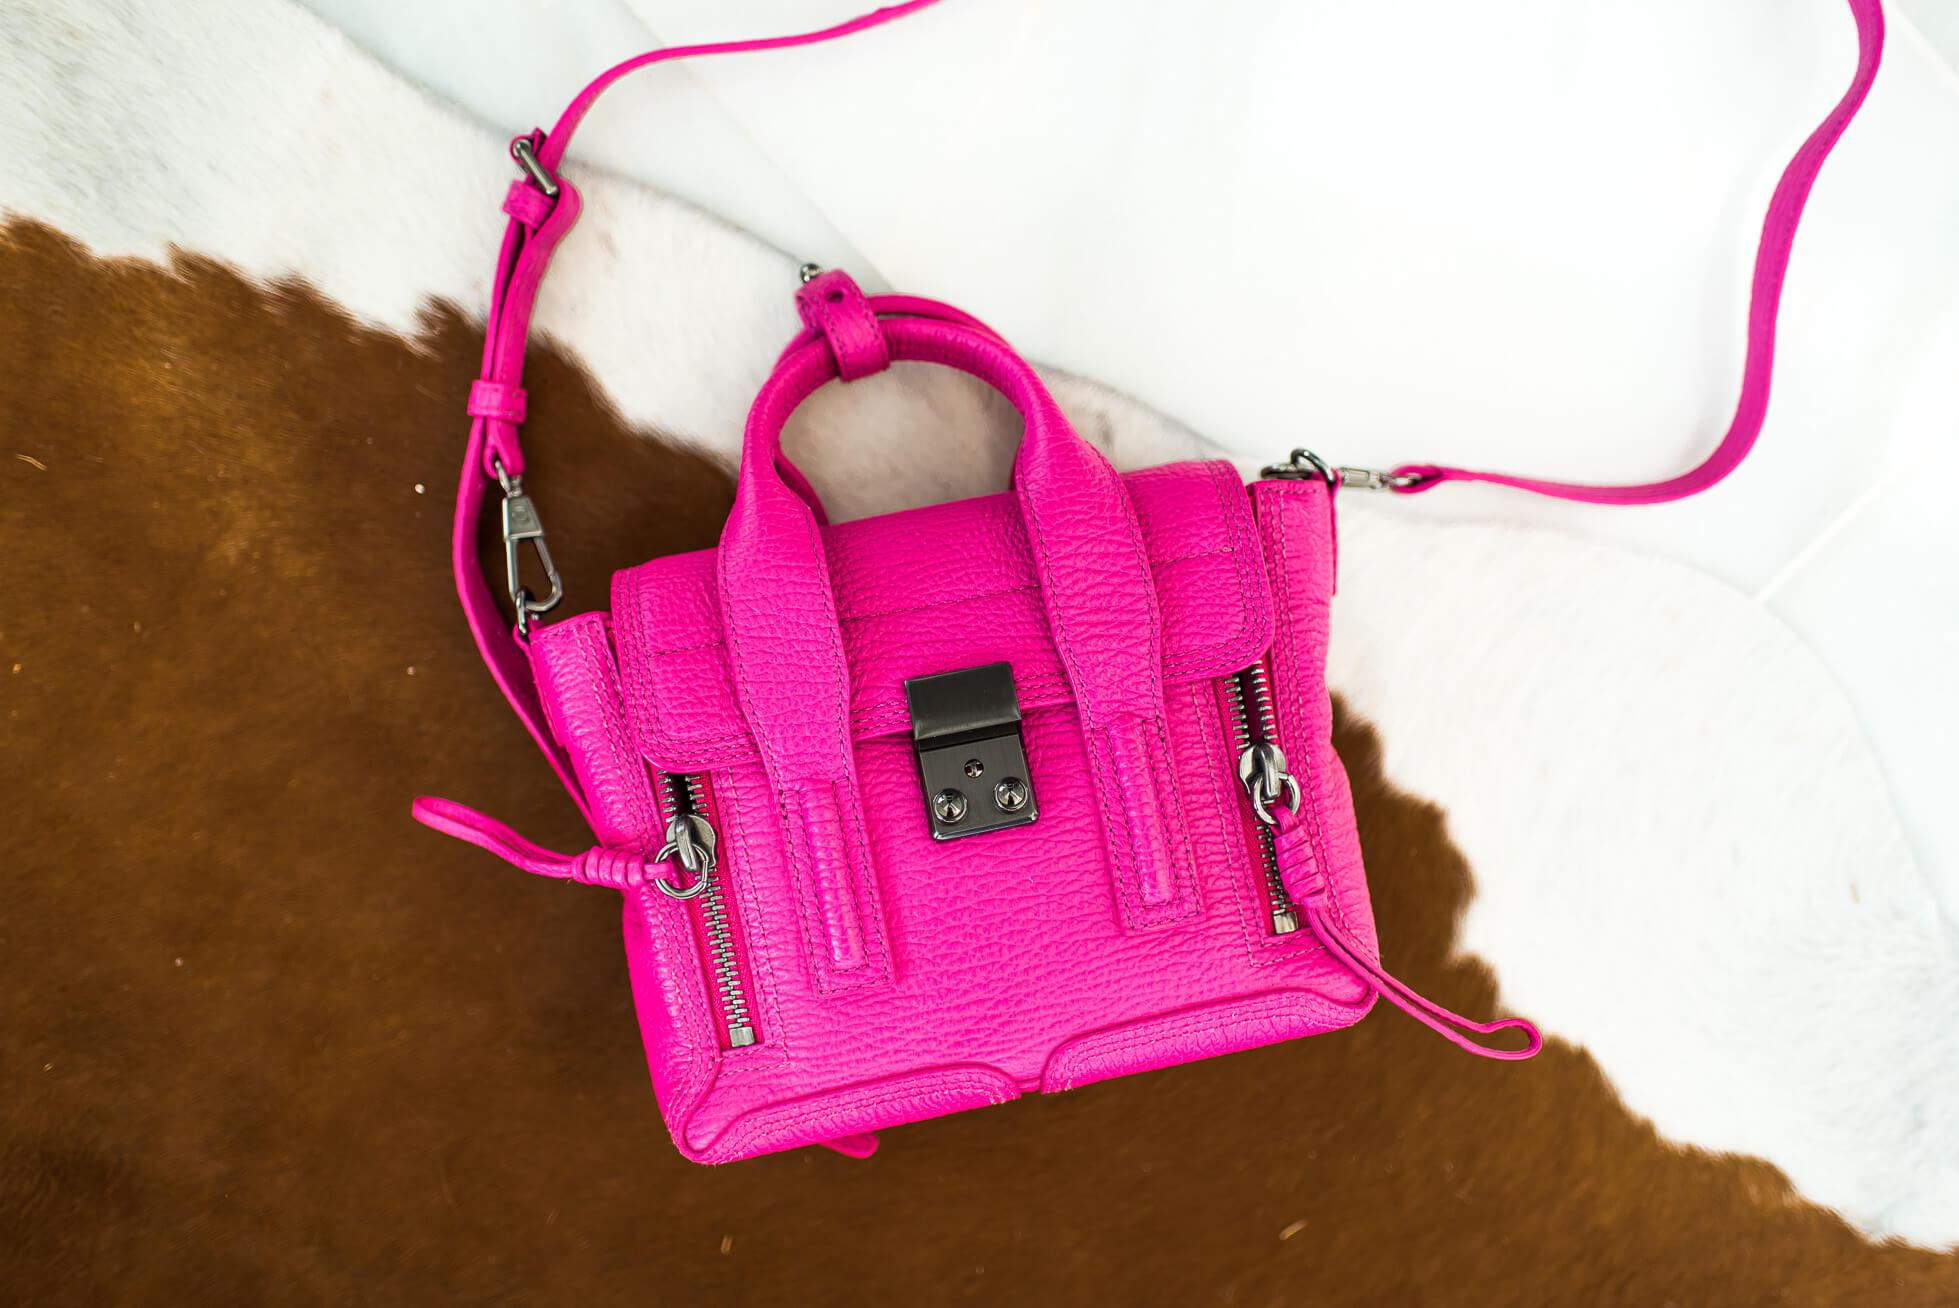 janni-deler-phillip-lim-pink-bagDSC_4398